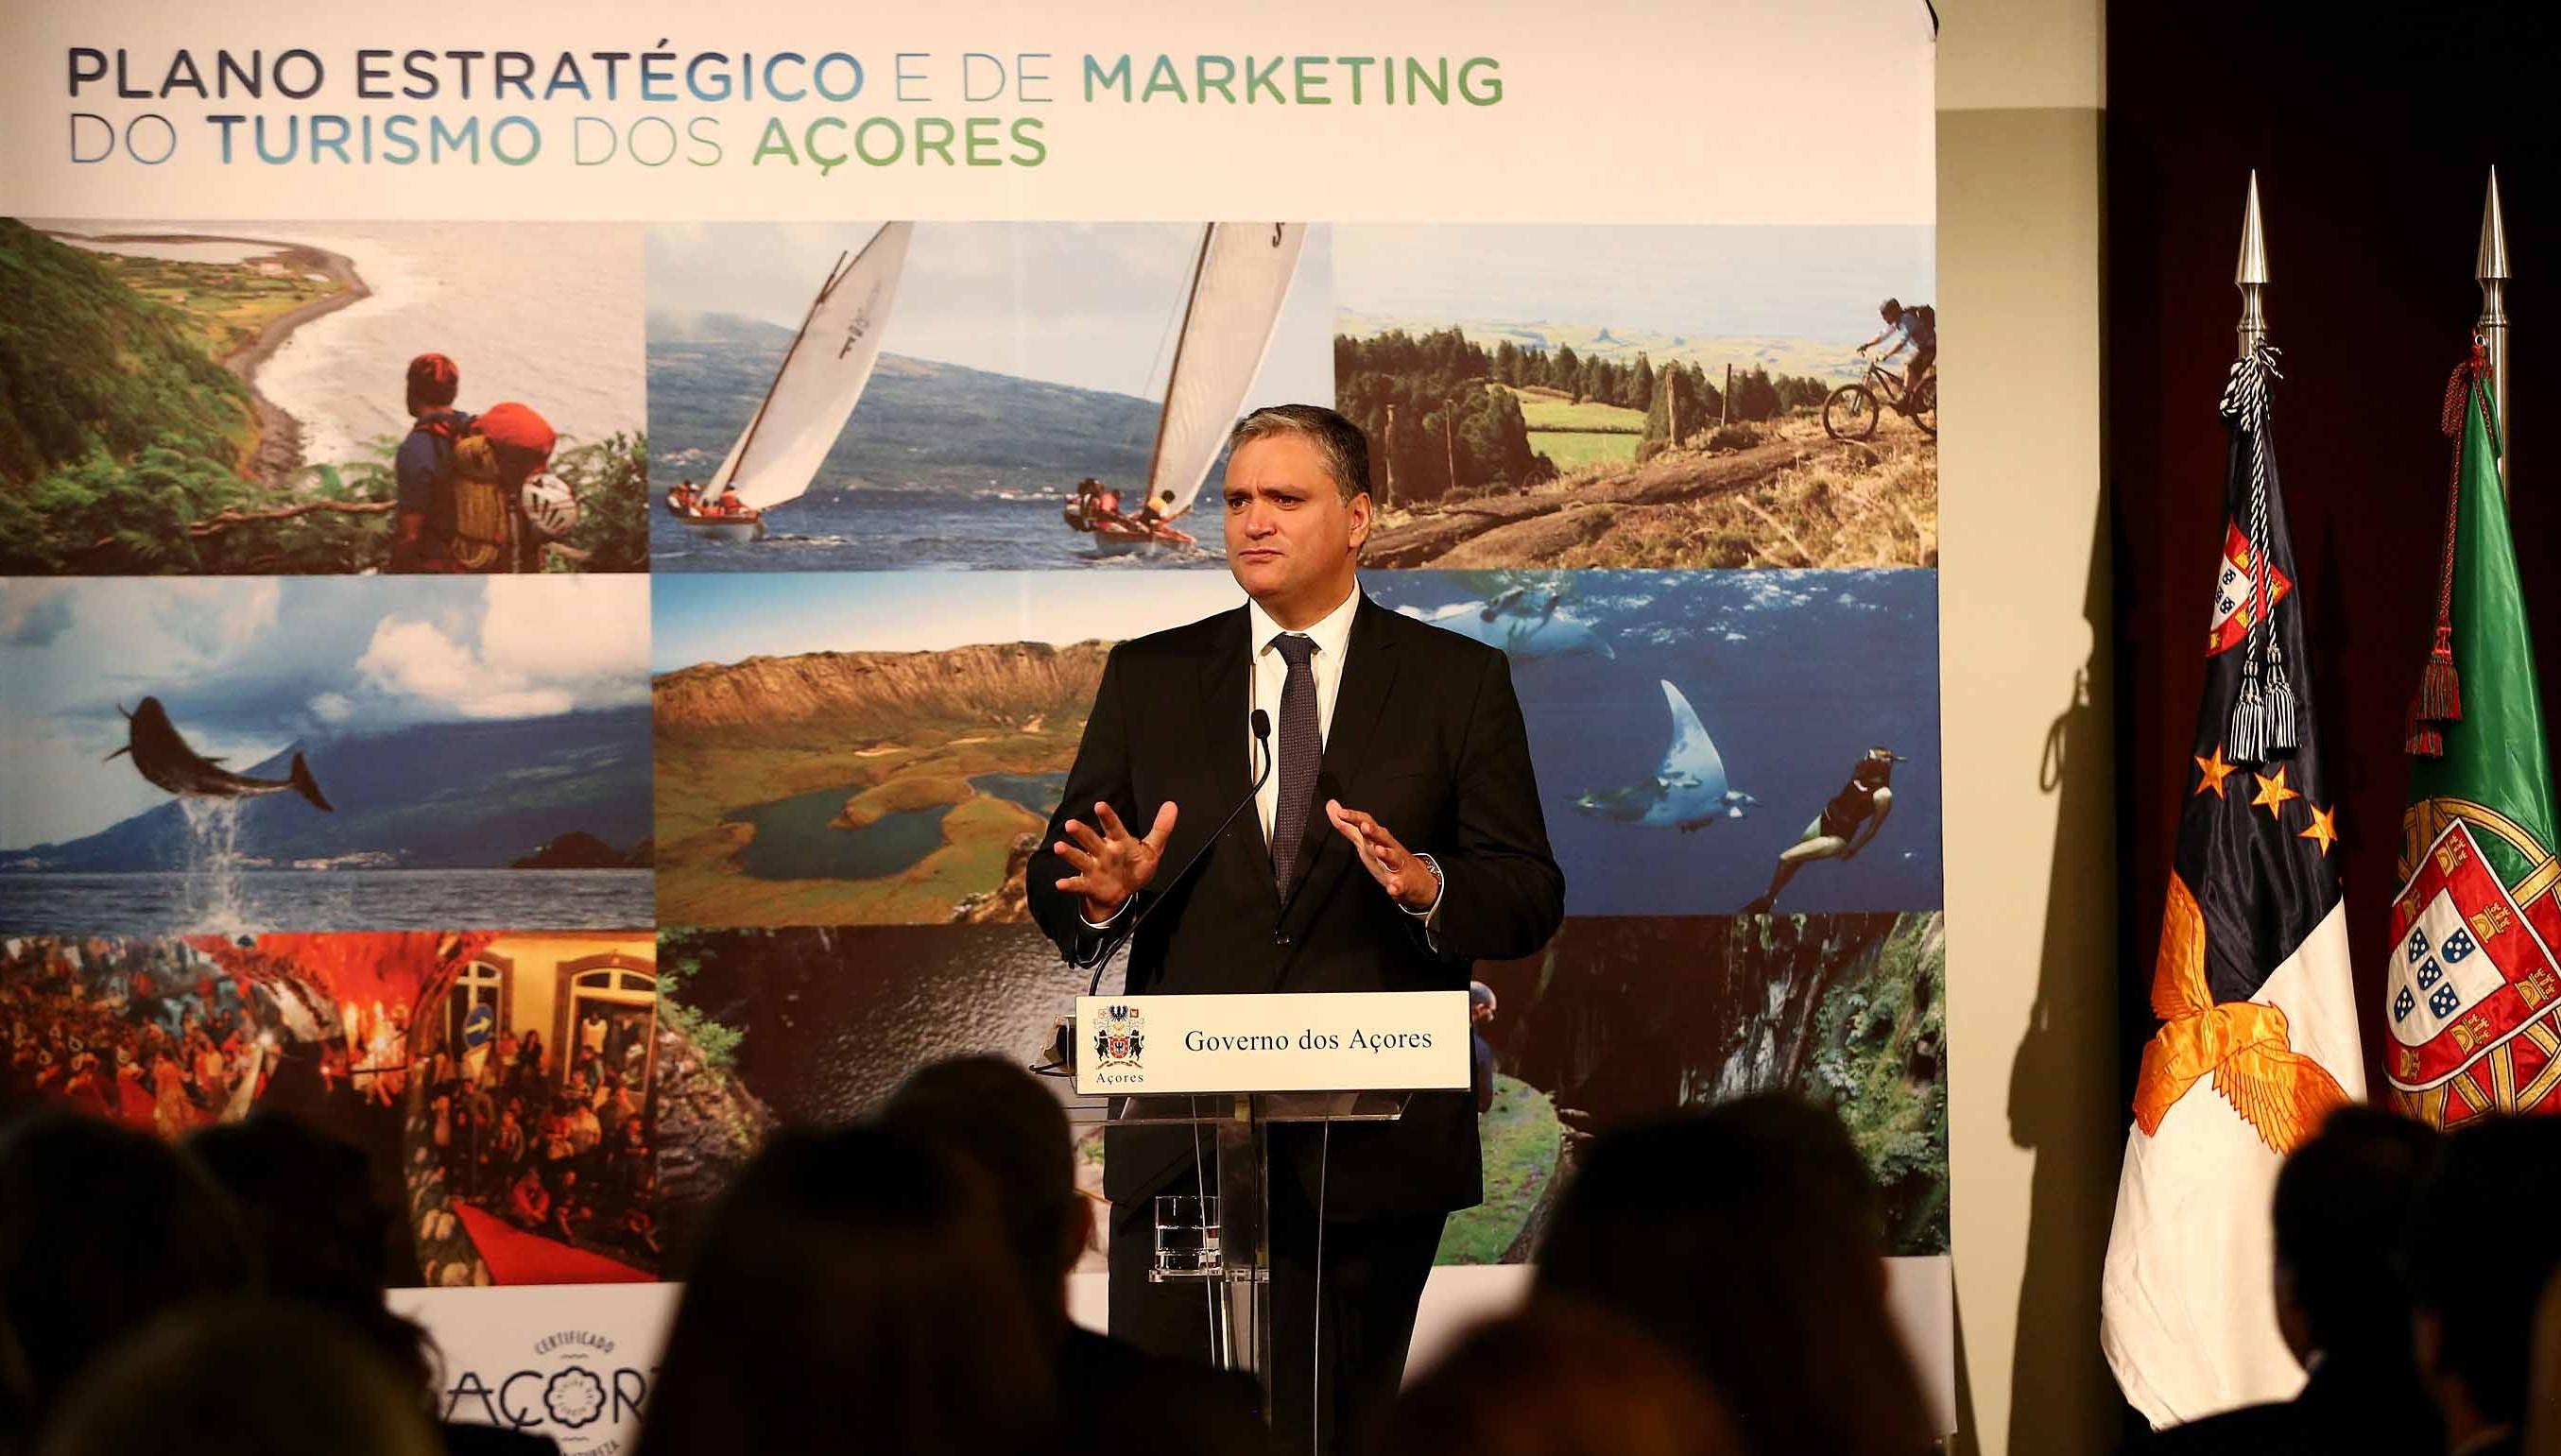 Exigência e inconformismo são a chave para garantir sustentabilidade do Turismo, afirma Vasco Cordeiro